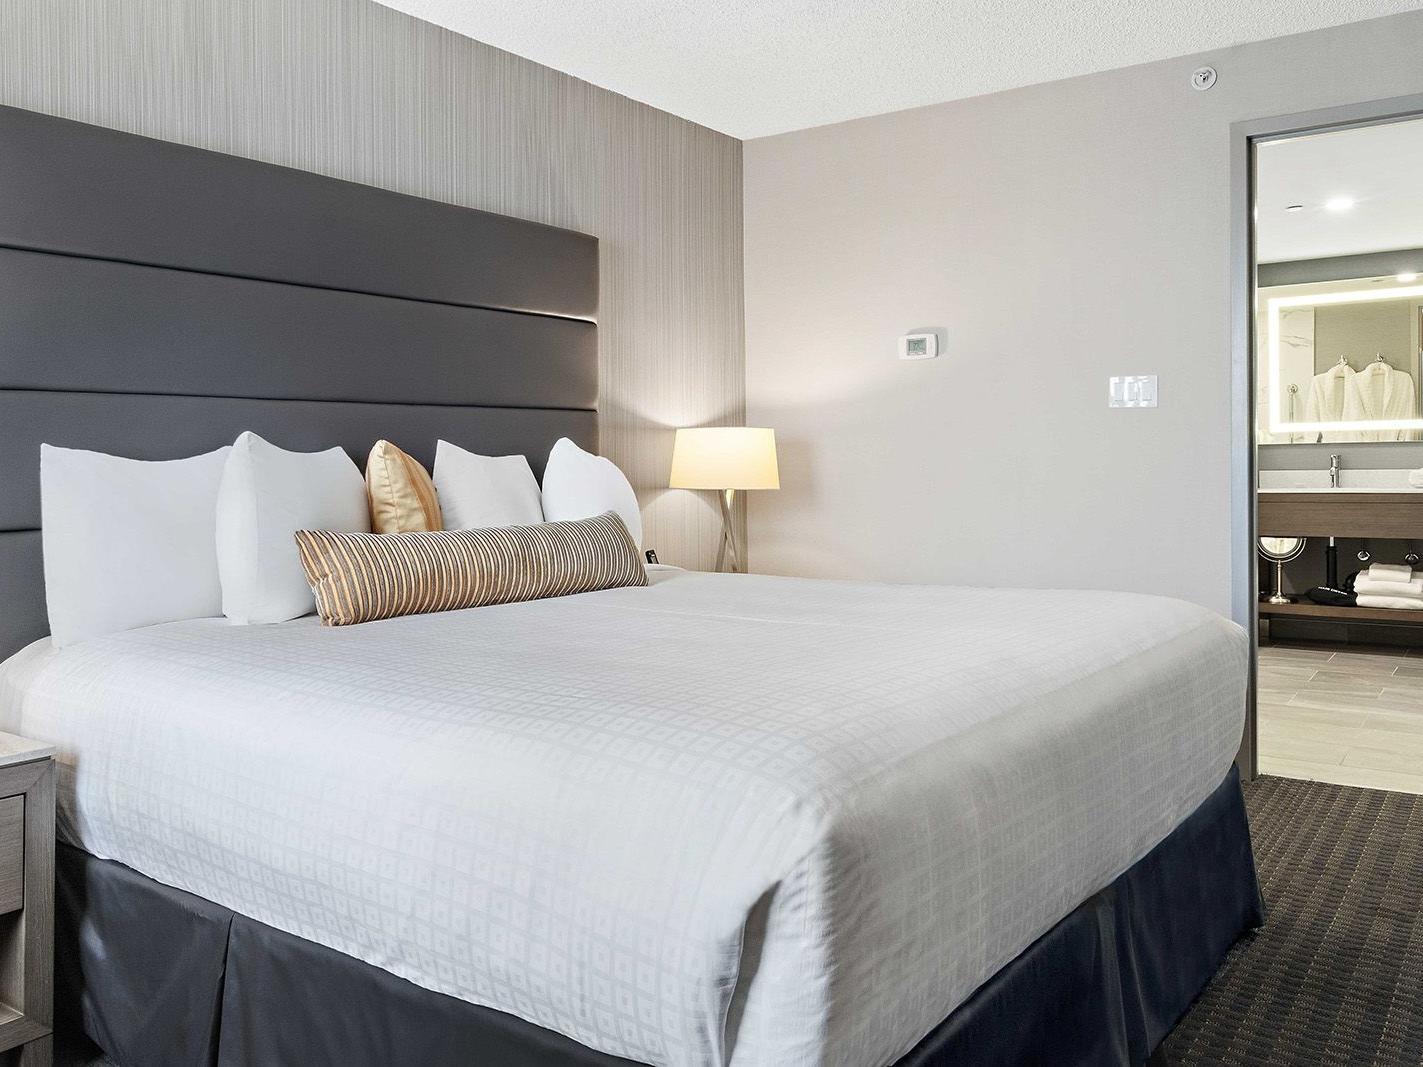 bed in modern hotel room with door to bathroom